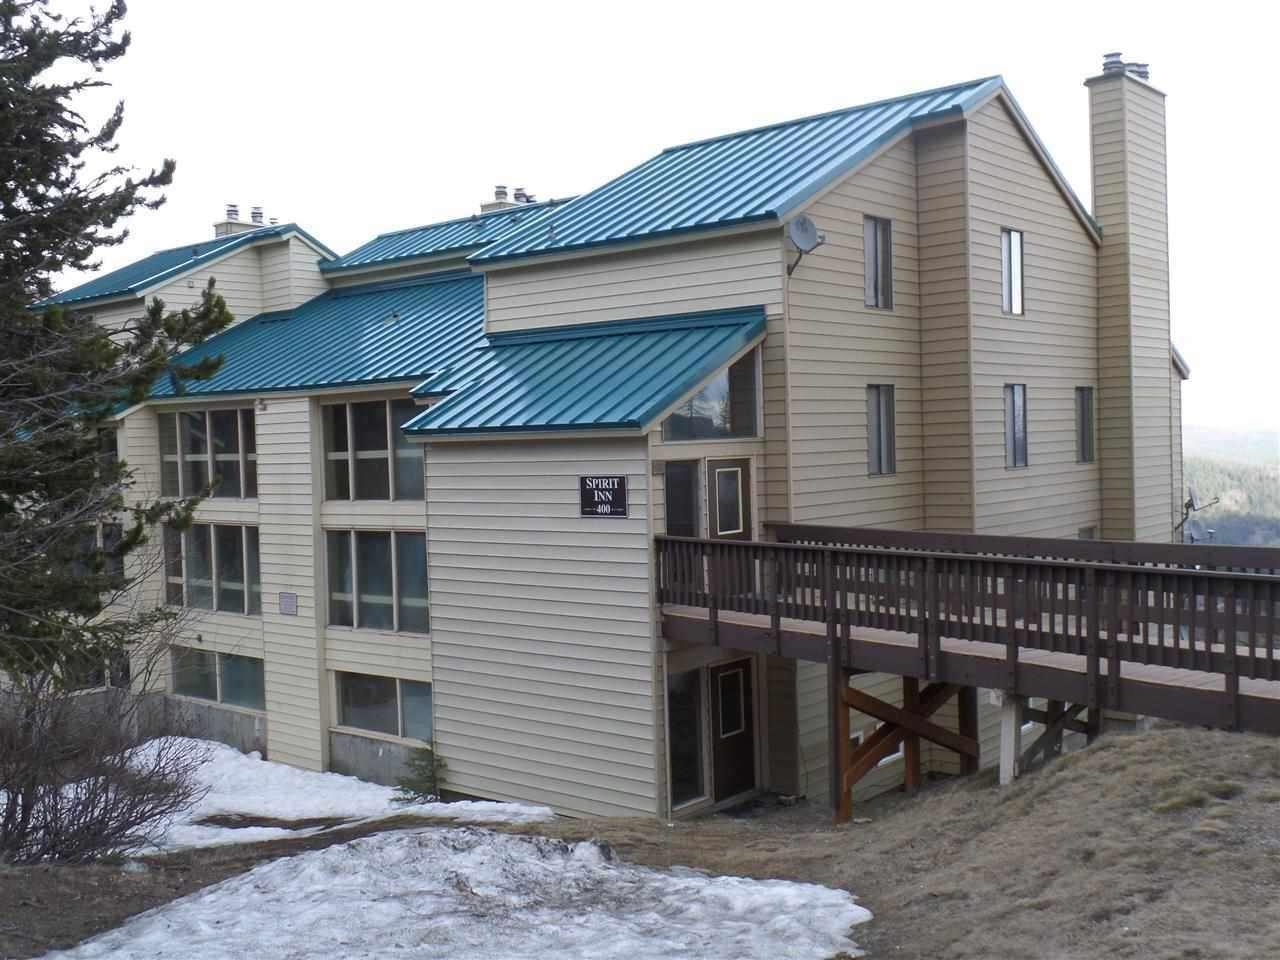 407 Spirit Inn 28600 N Mt Spokane Pk Dr 407, Mead, WA - USA (photo 1)